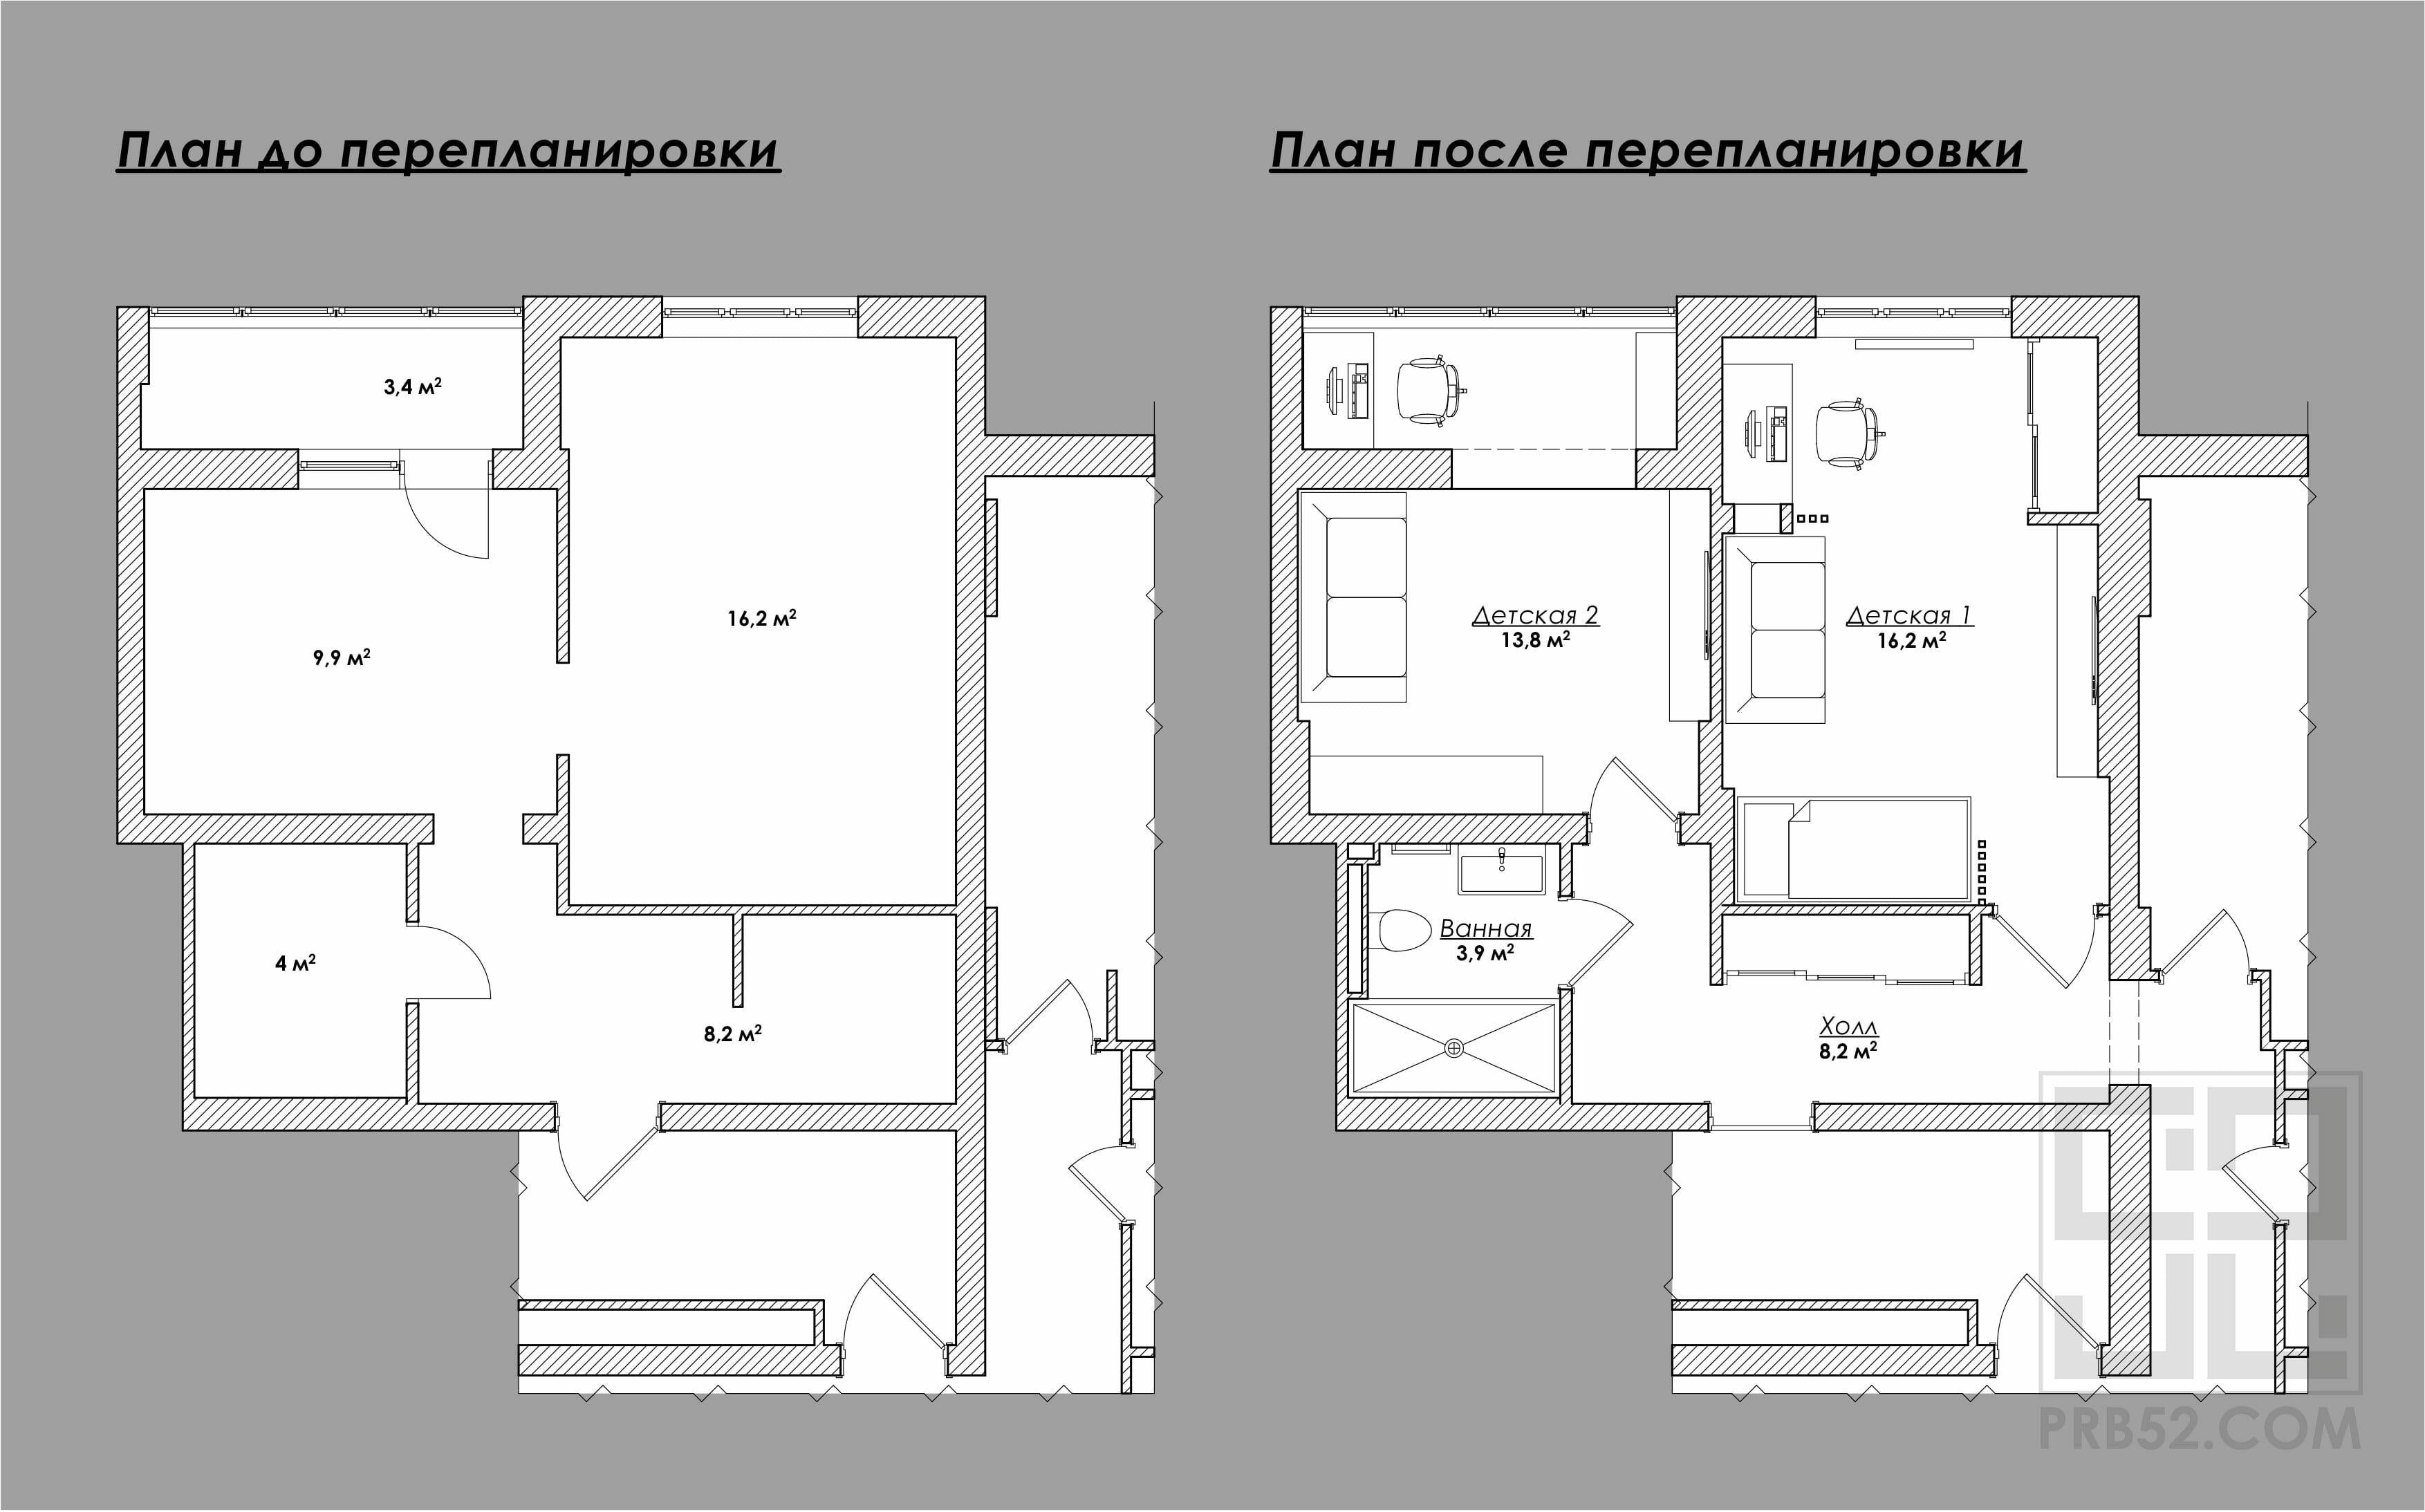 дизайн проект интерьера перепланировка и расстановка мебели